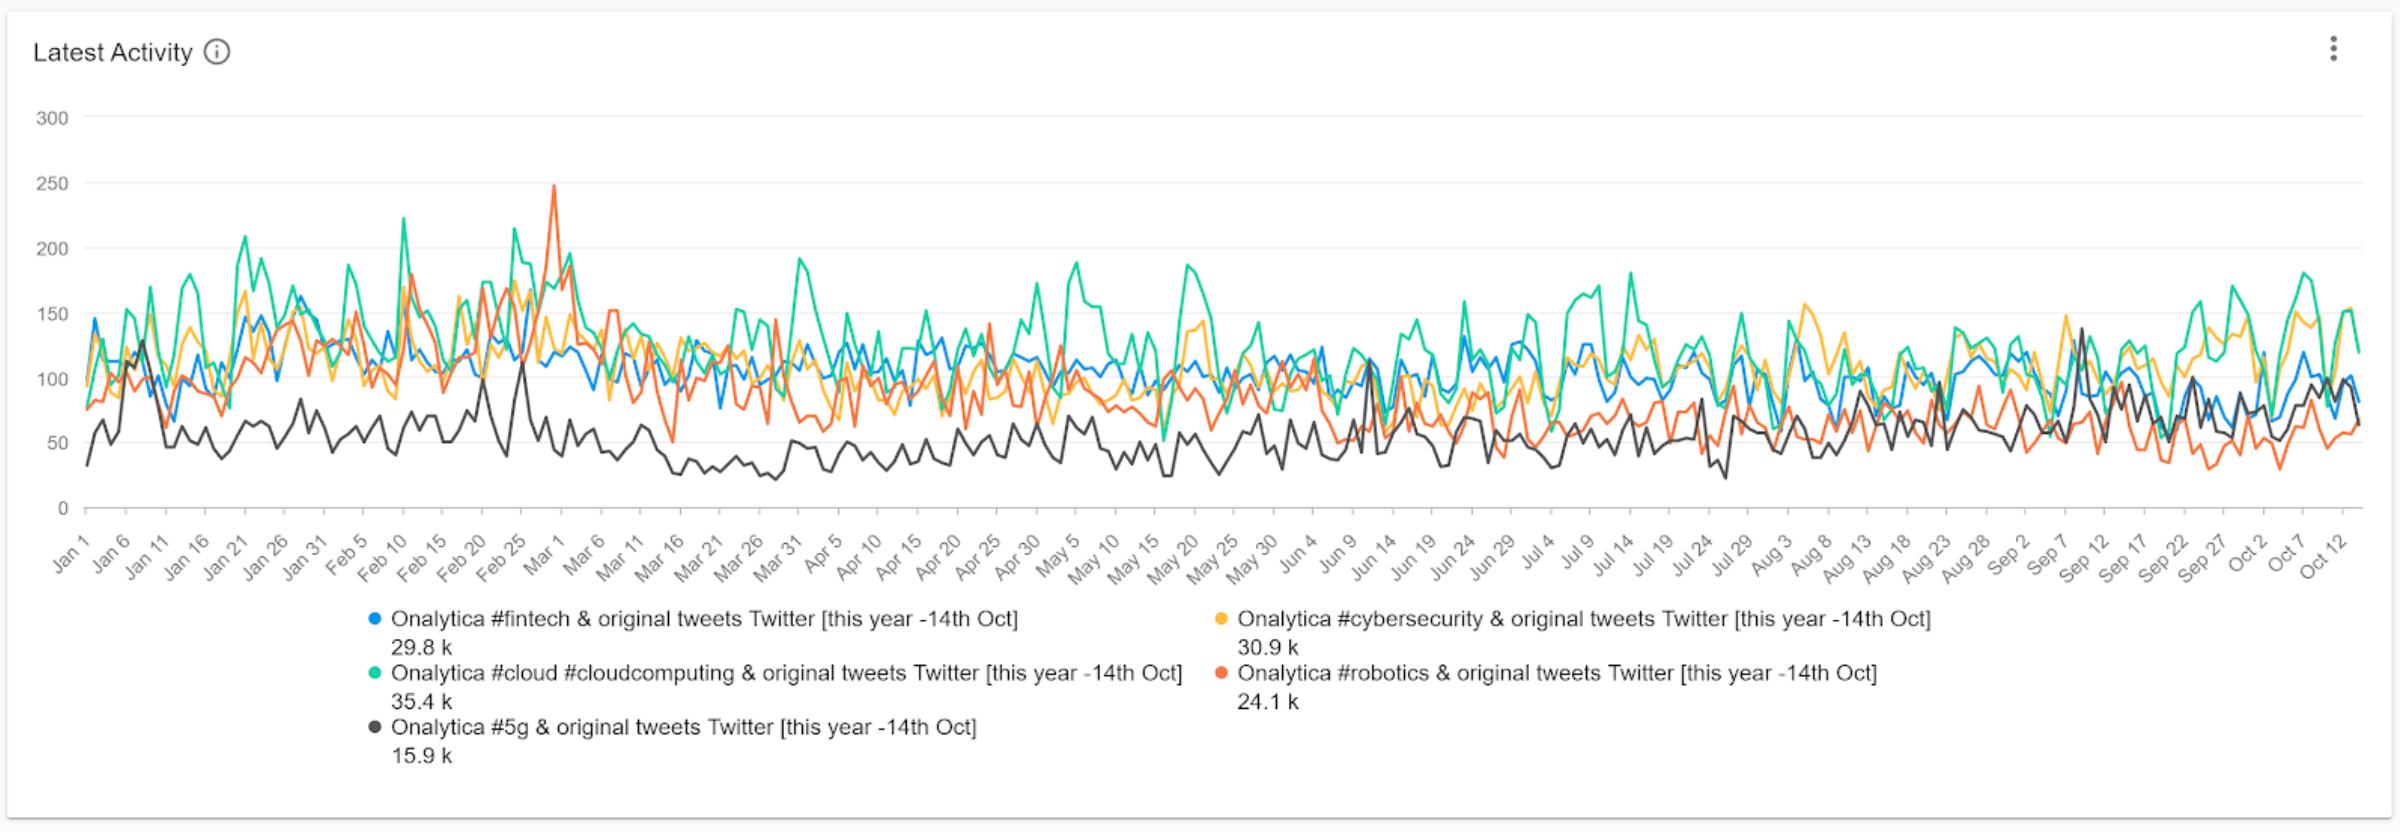 10 IOT Conversation Timeline Social Listening